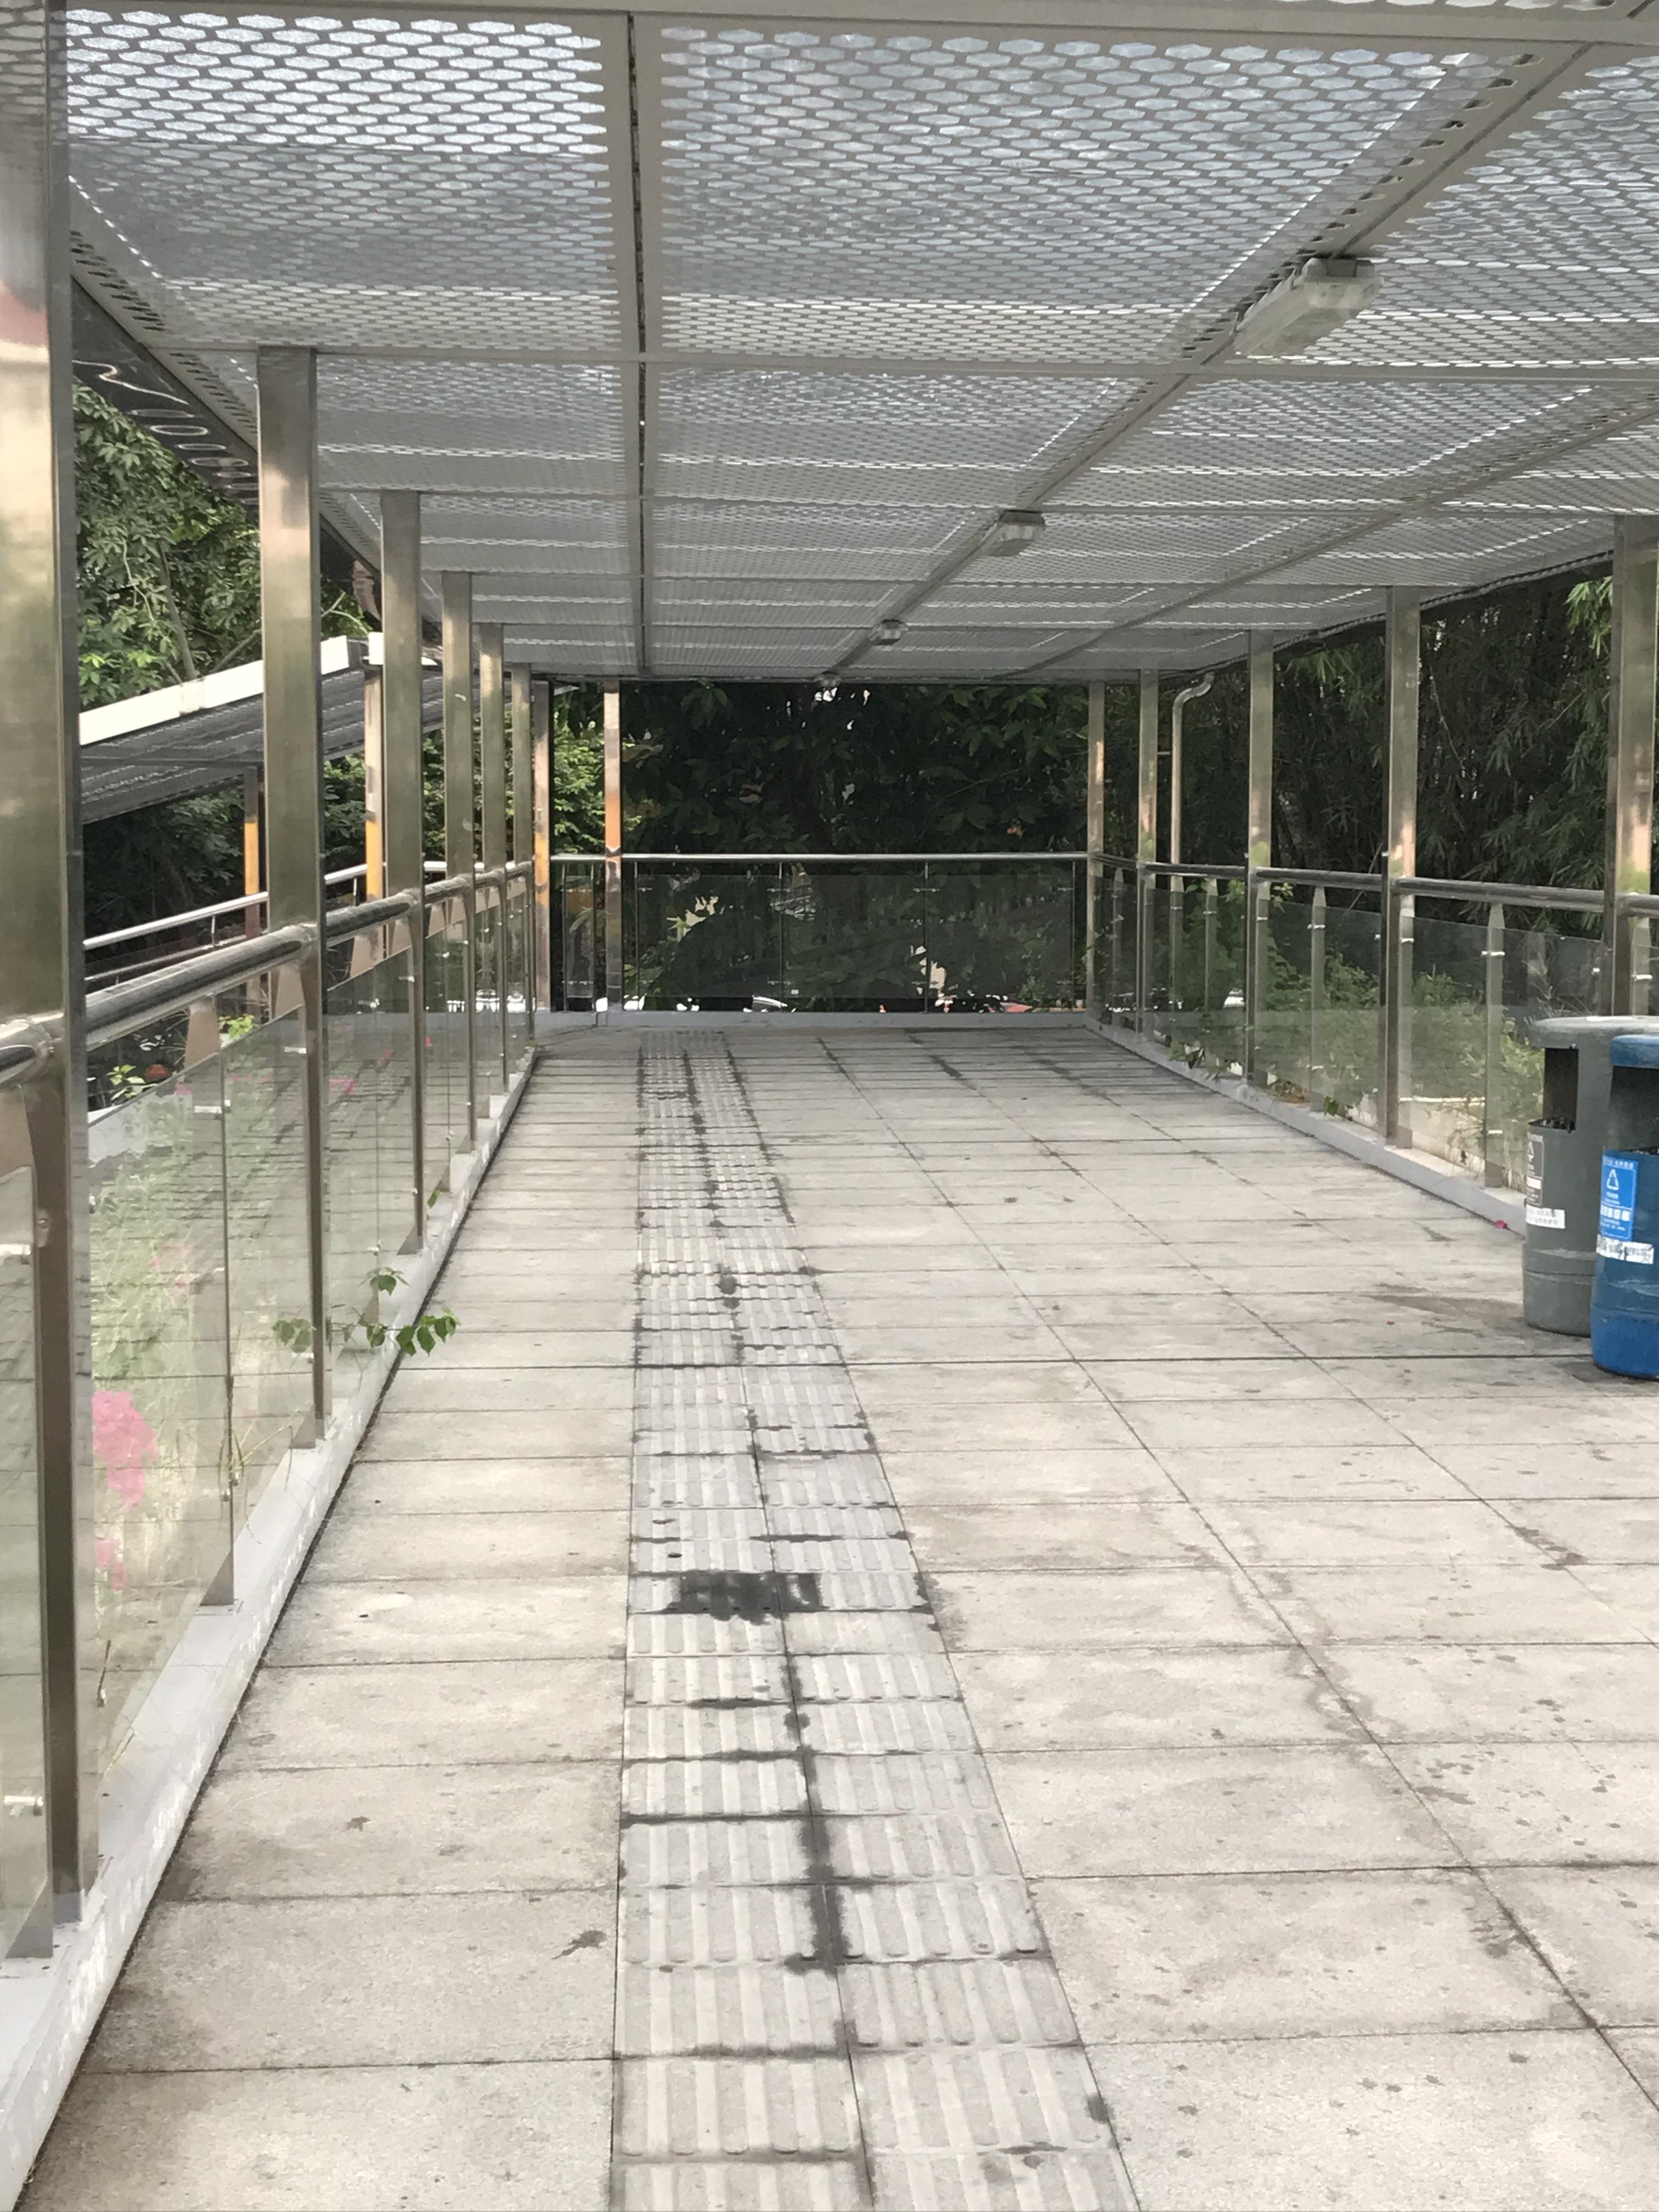 天桥使用率低,浪费资源